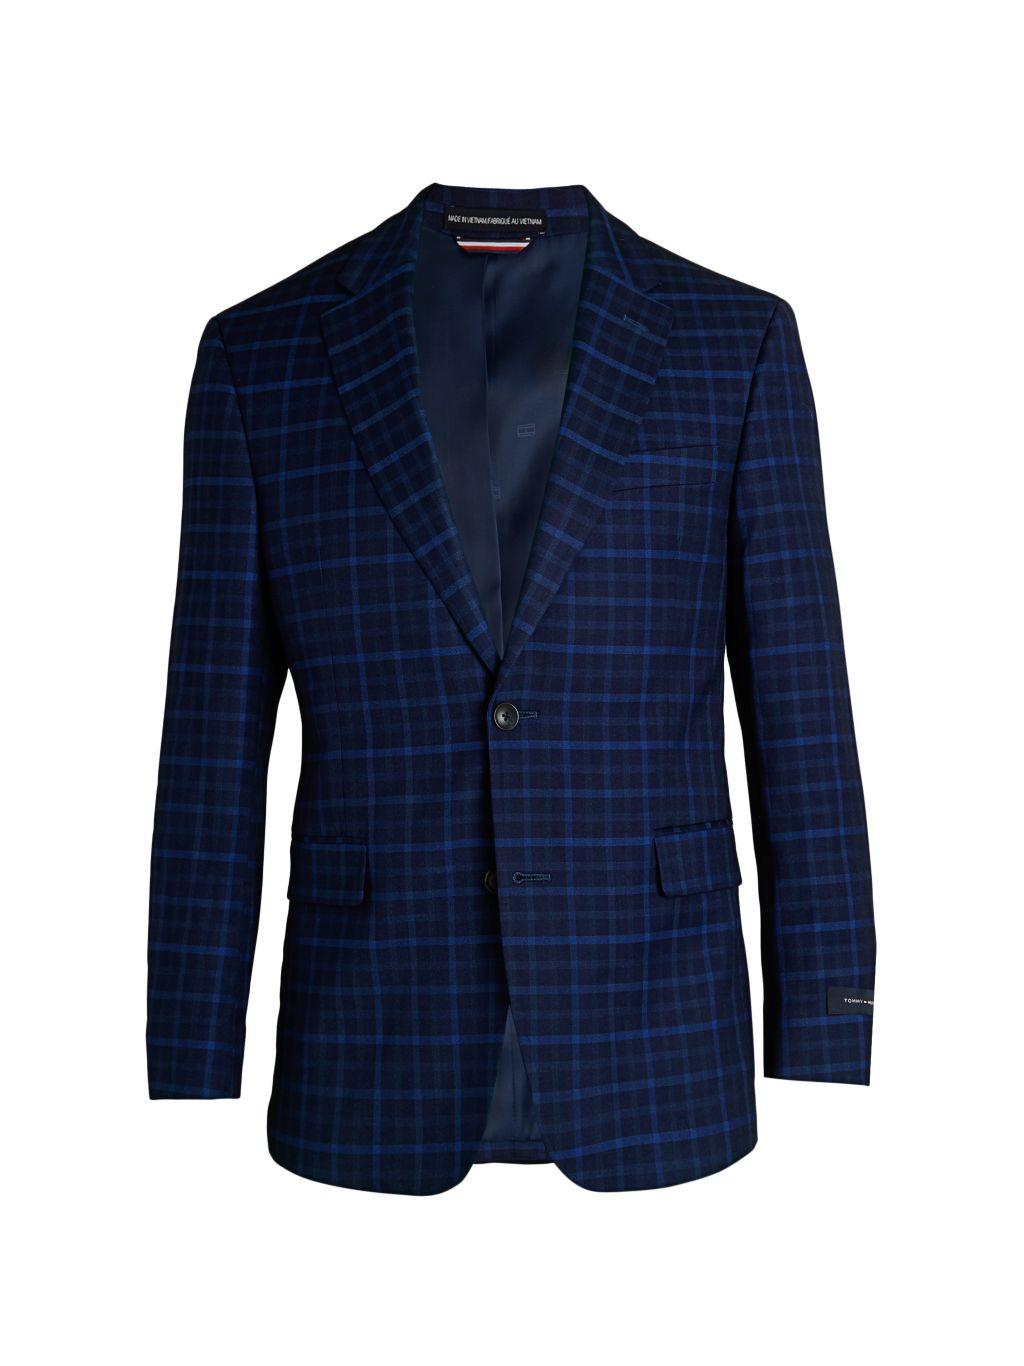 Tommy Hilfiger Regular-Fit Check Jacket